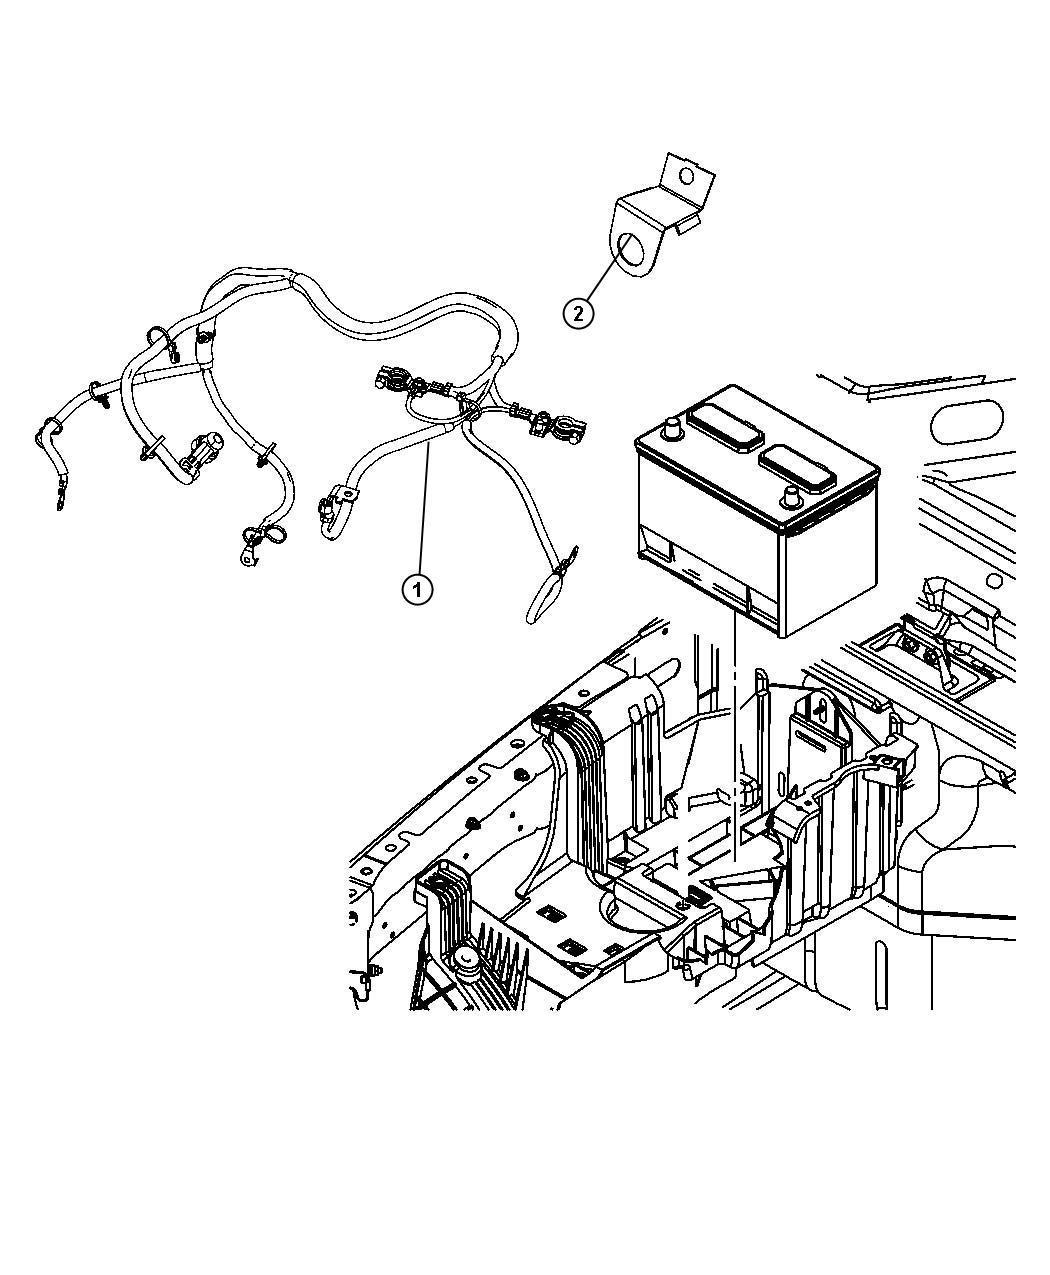 2002 Chrysler Sebring Bracket. Battery wiring, tube. Vent